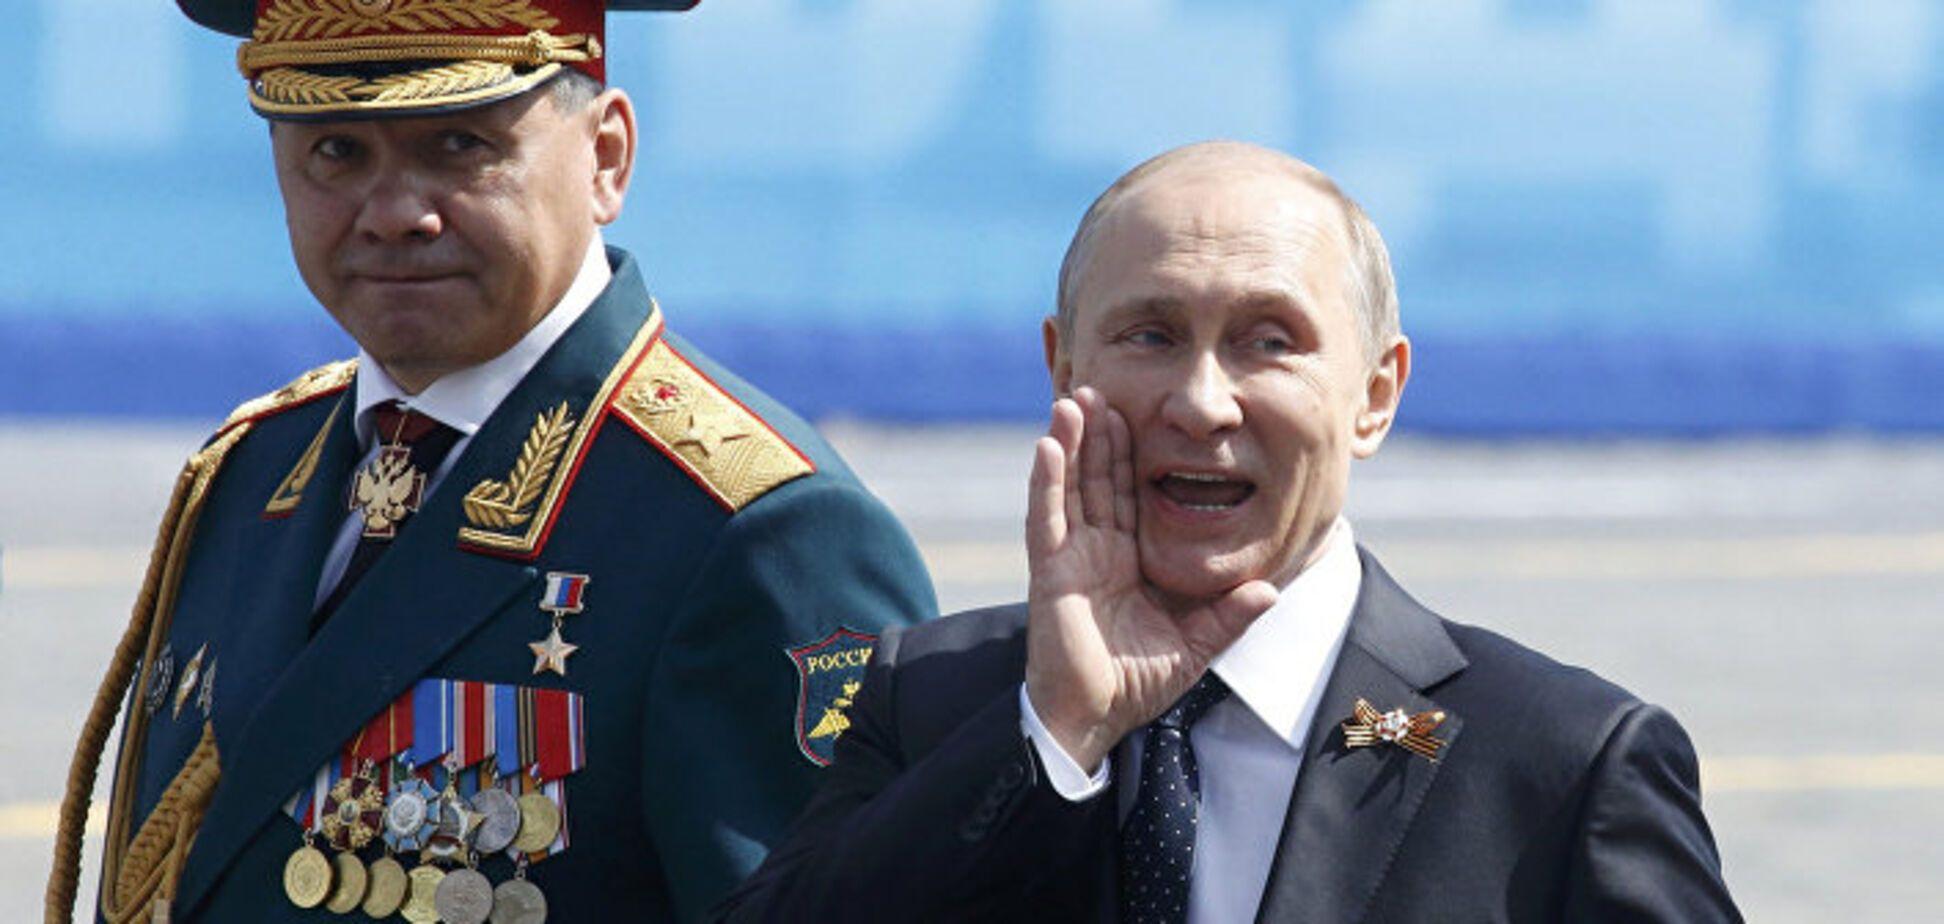 Це все США: Шойгу заявив, що 'війна між Україною і РФ неможлива'